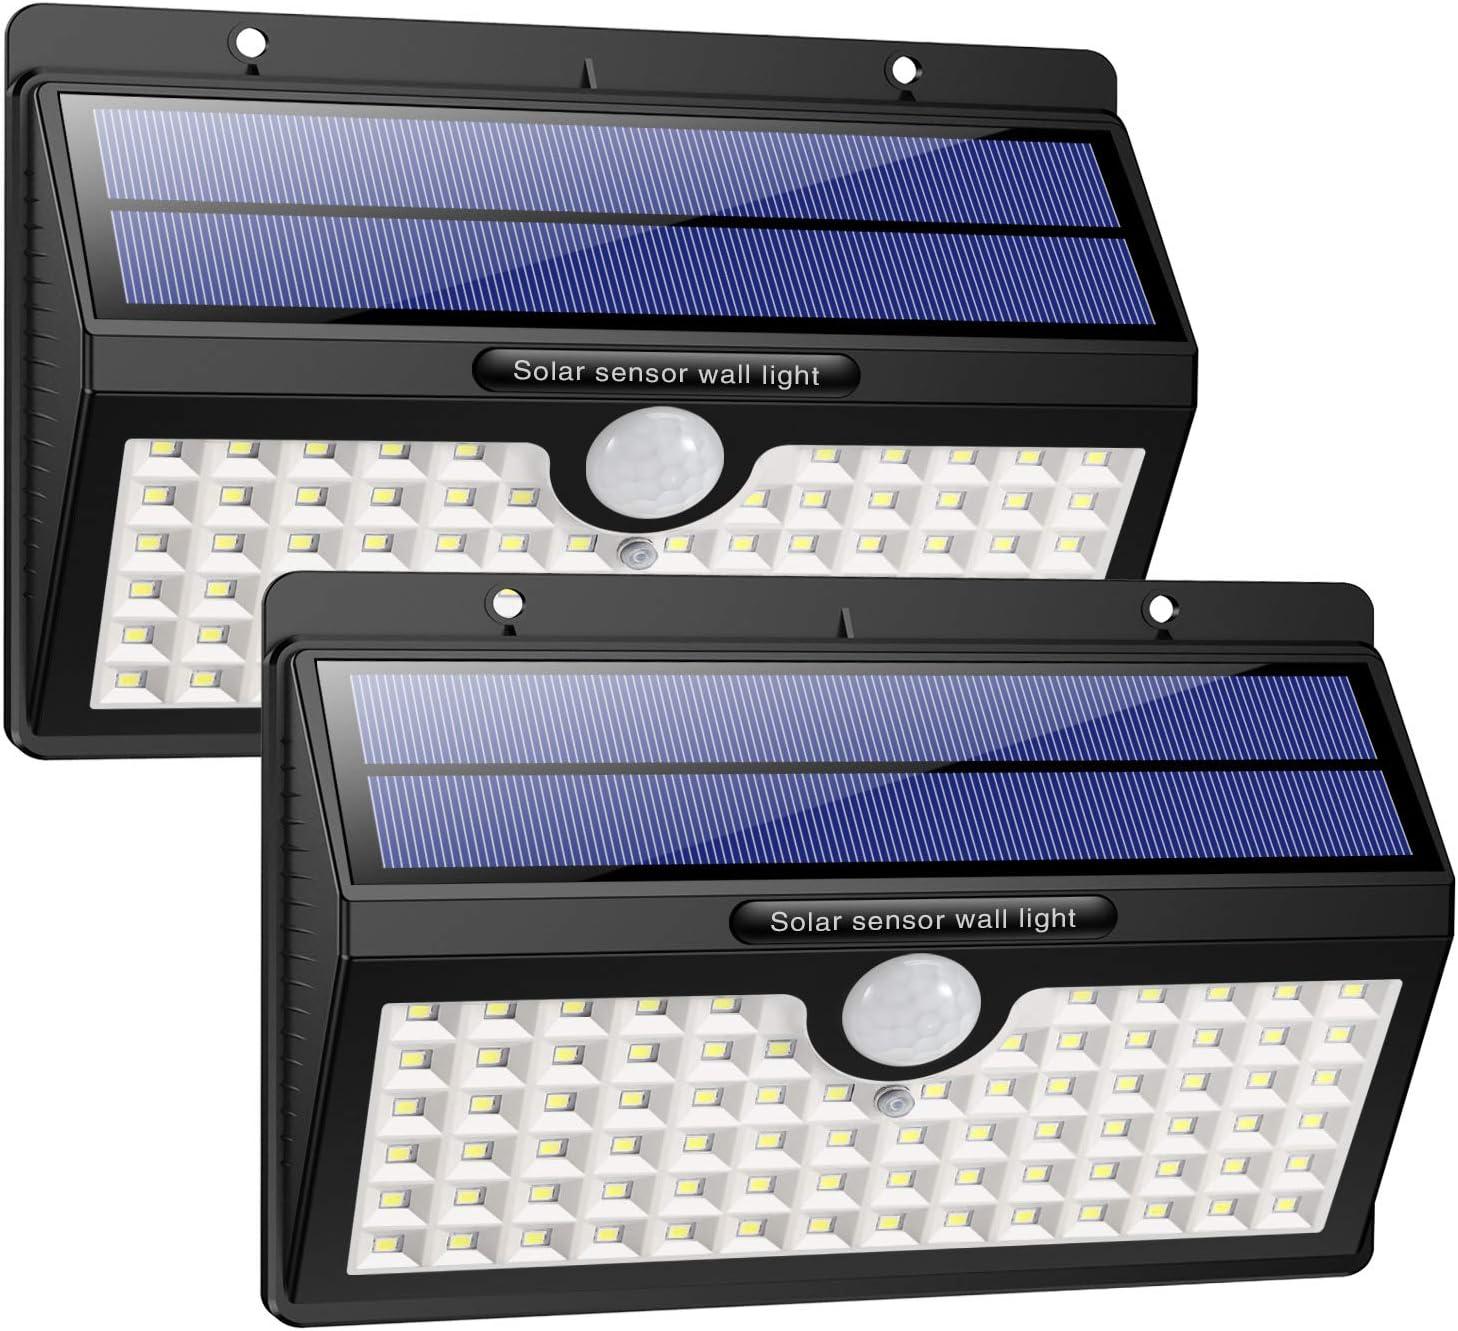 meilleure lampe solaire exterieur-2020 - qualite-éclairage extérieur solaire avec détecteur-puissante-forte